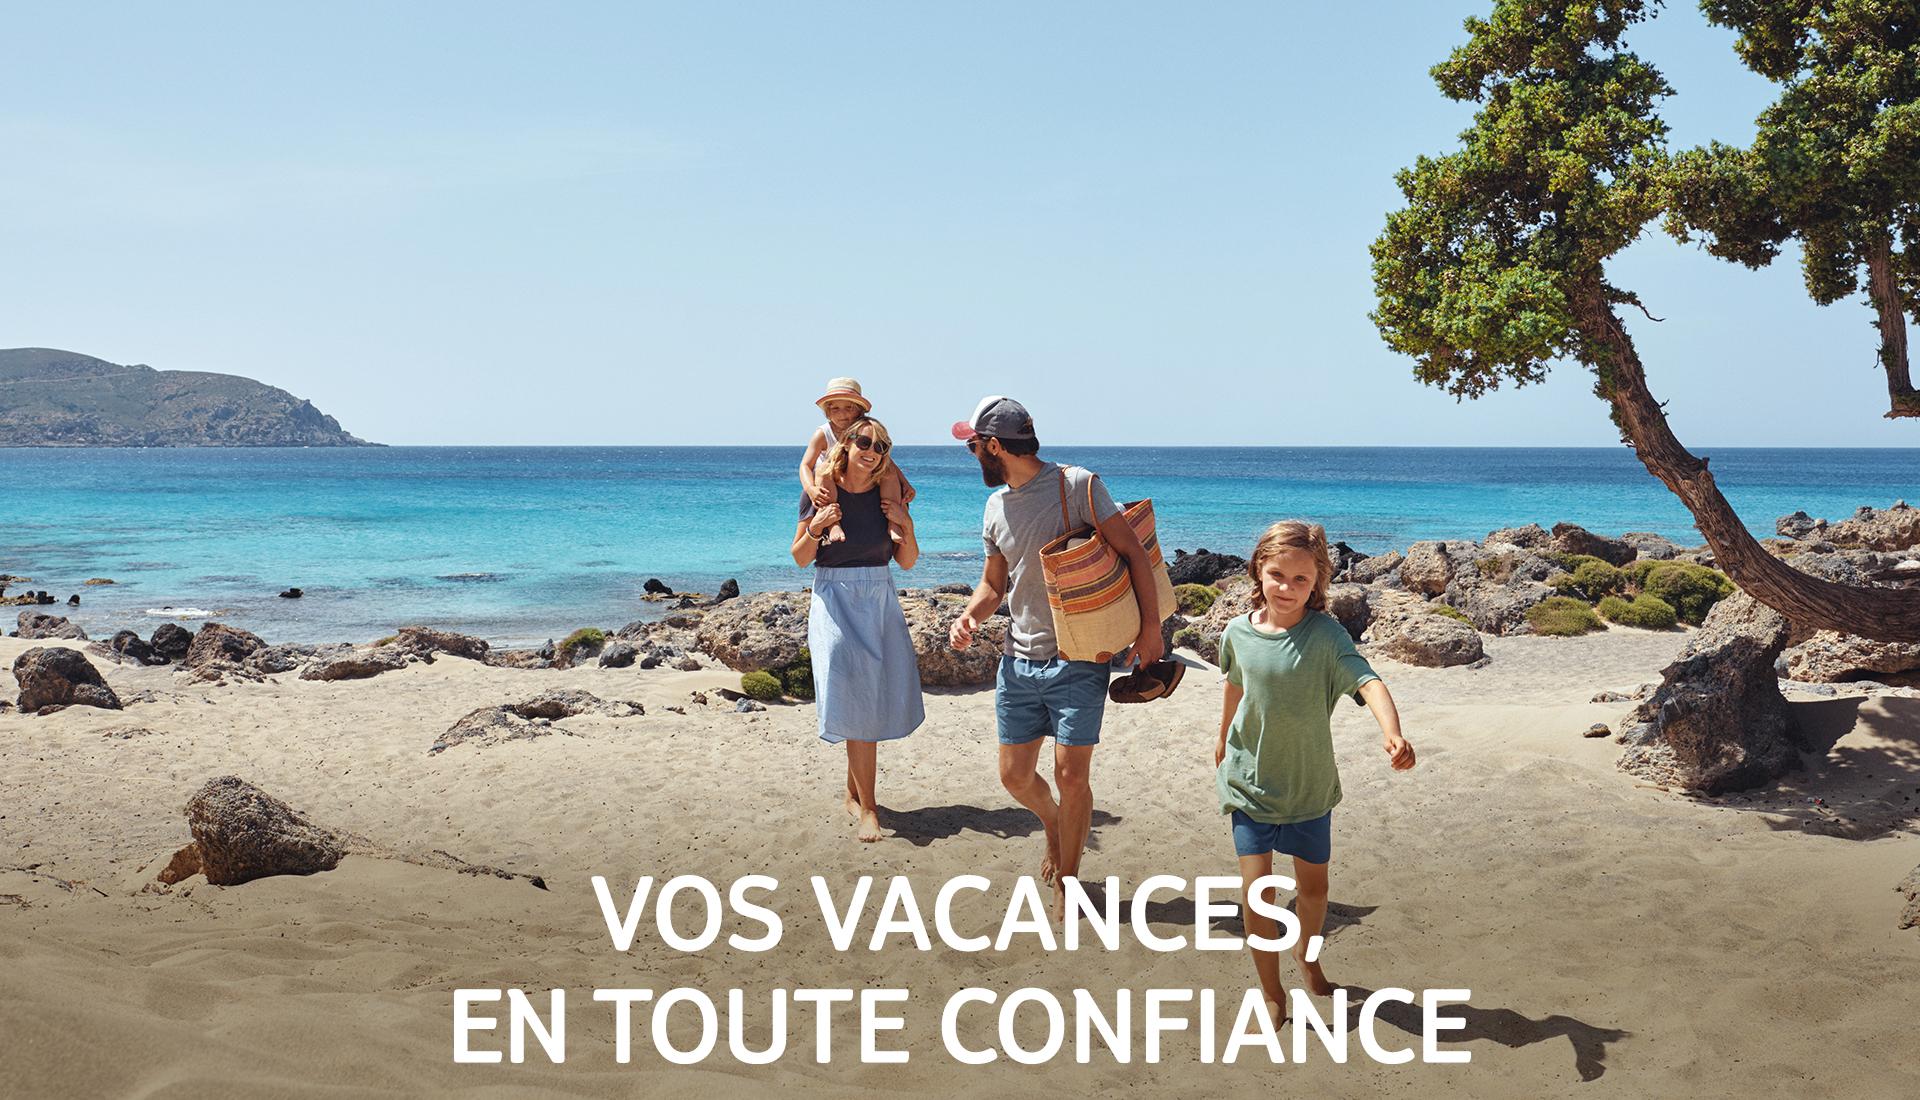 Vos vacances, en toute confiance